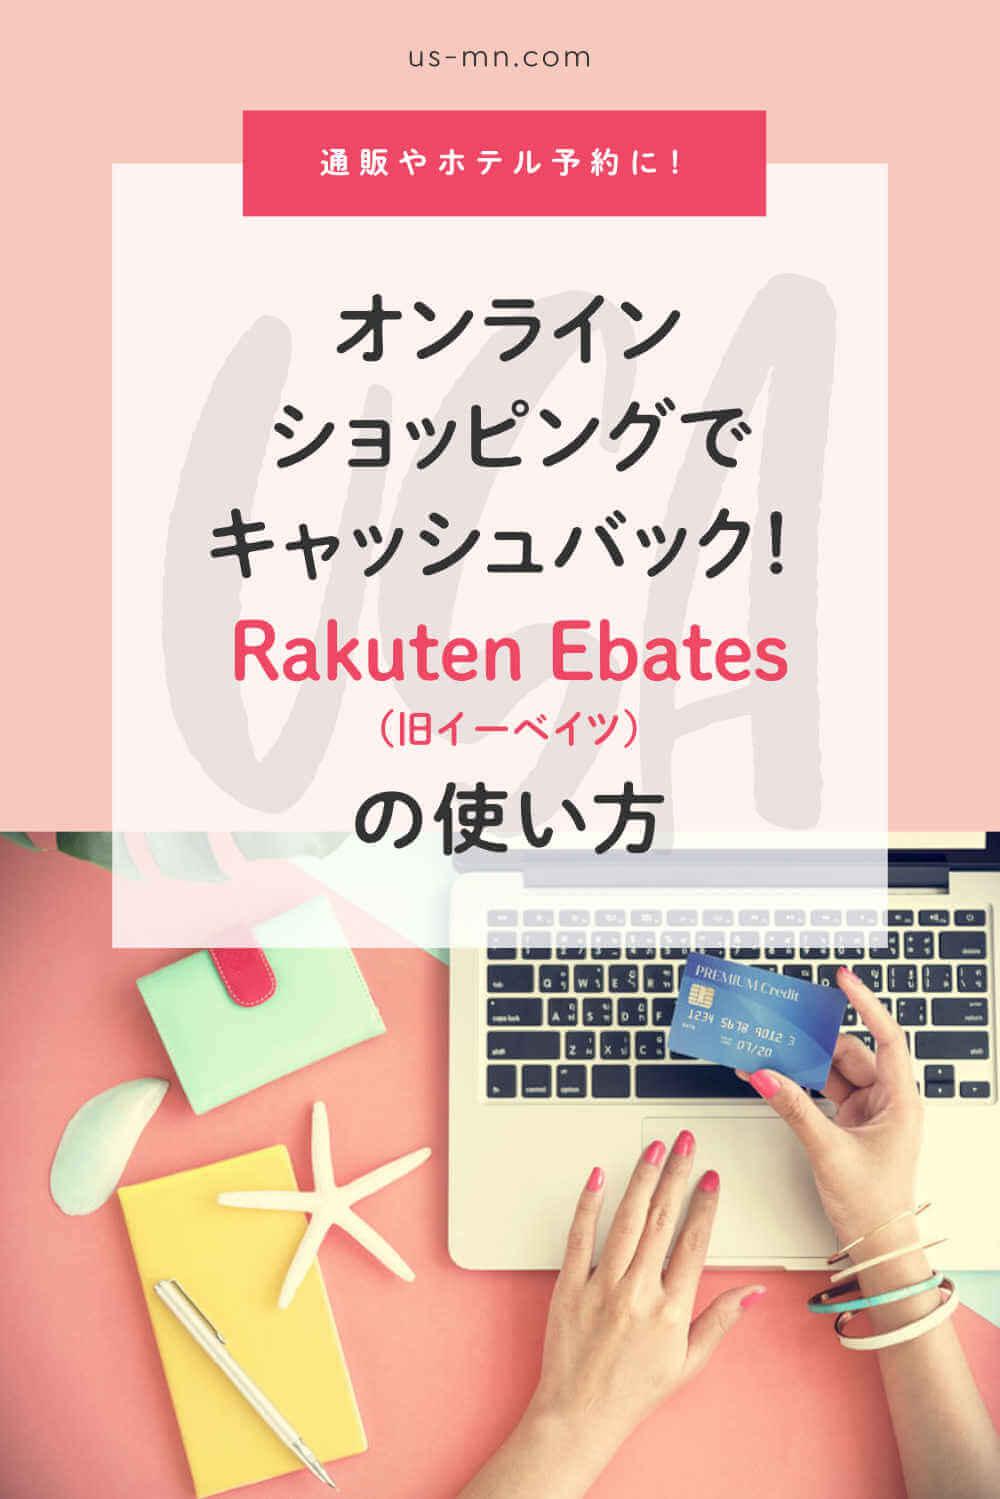 Rakuten Ebates(旧イーベイツ)の使い方【通販やホテル予約に!今なら25ドル以上買うと10ドルキャッシュバック】